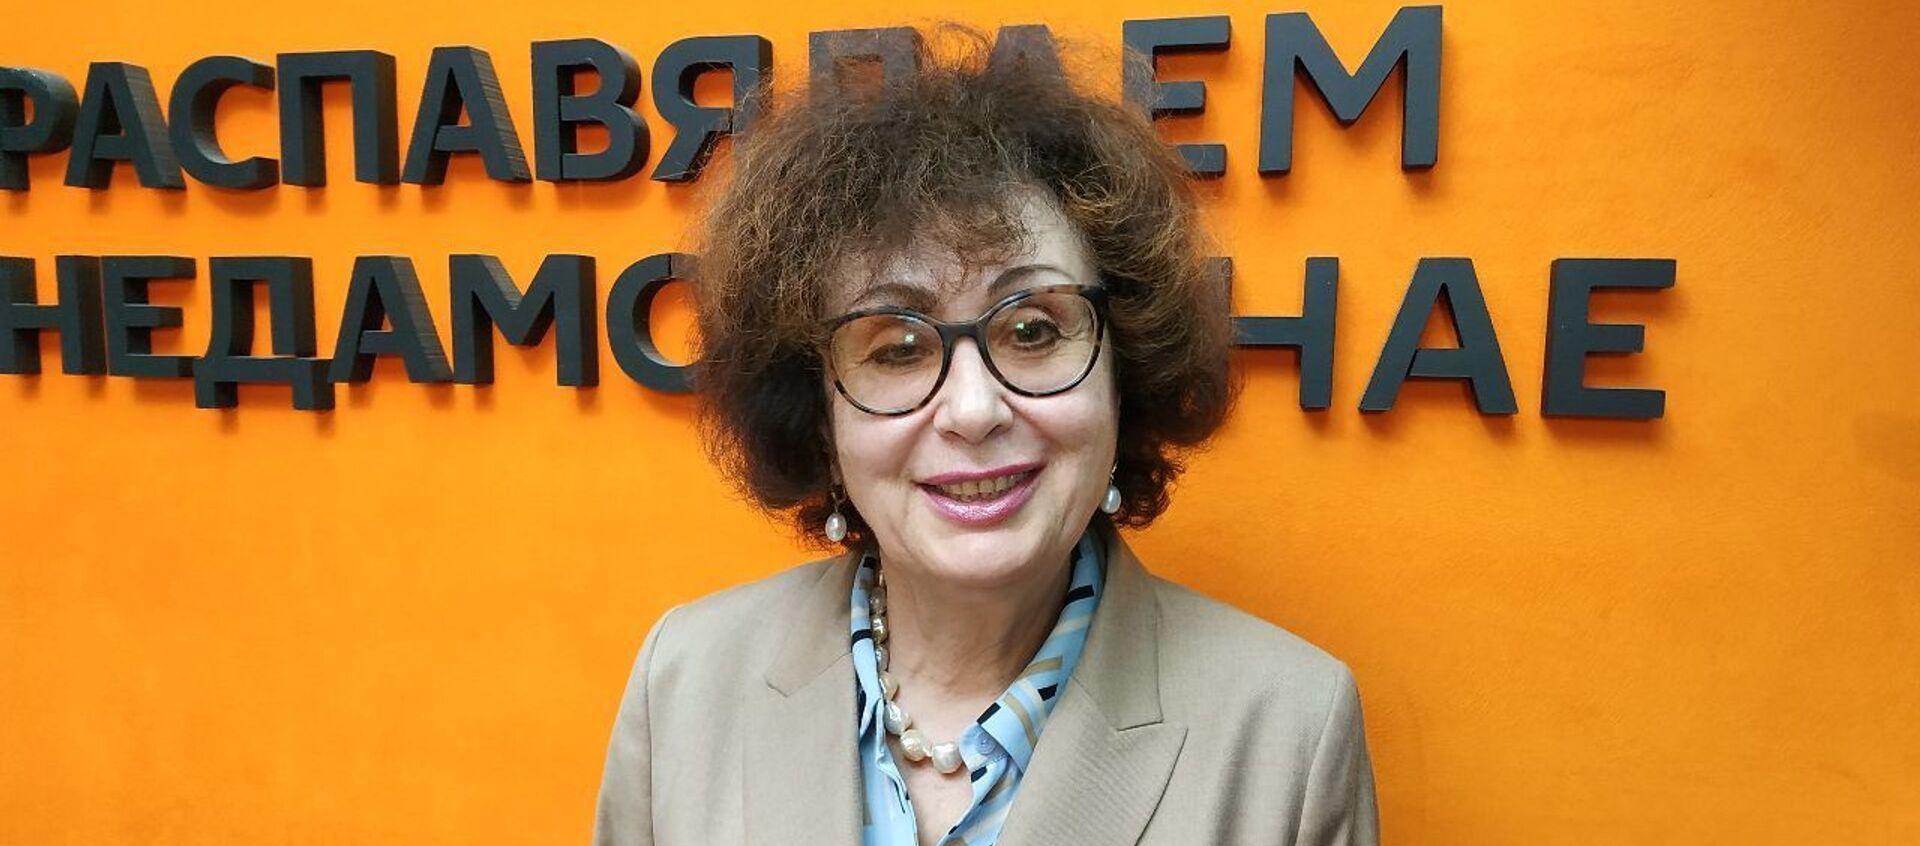 Экономист оценила объемы господдержки бизнеса на фоне пандемии COVID-19 - Sputnik Беларусь, 1920, 09.02.2021